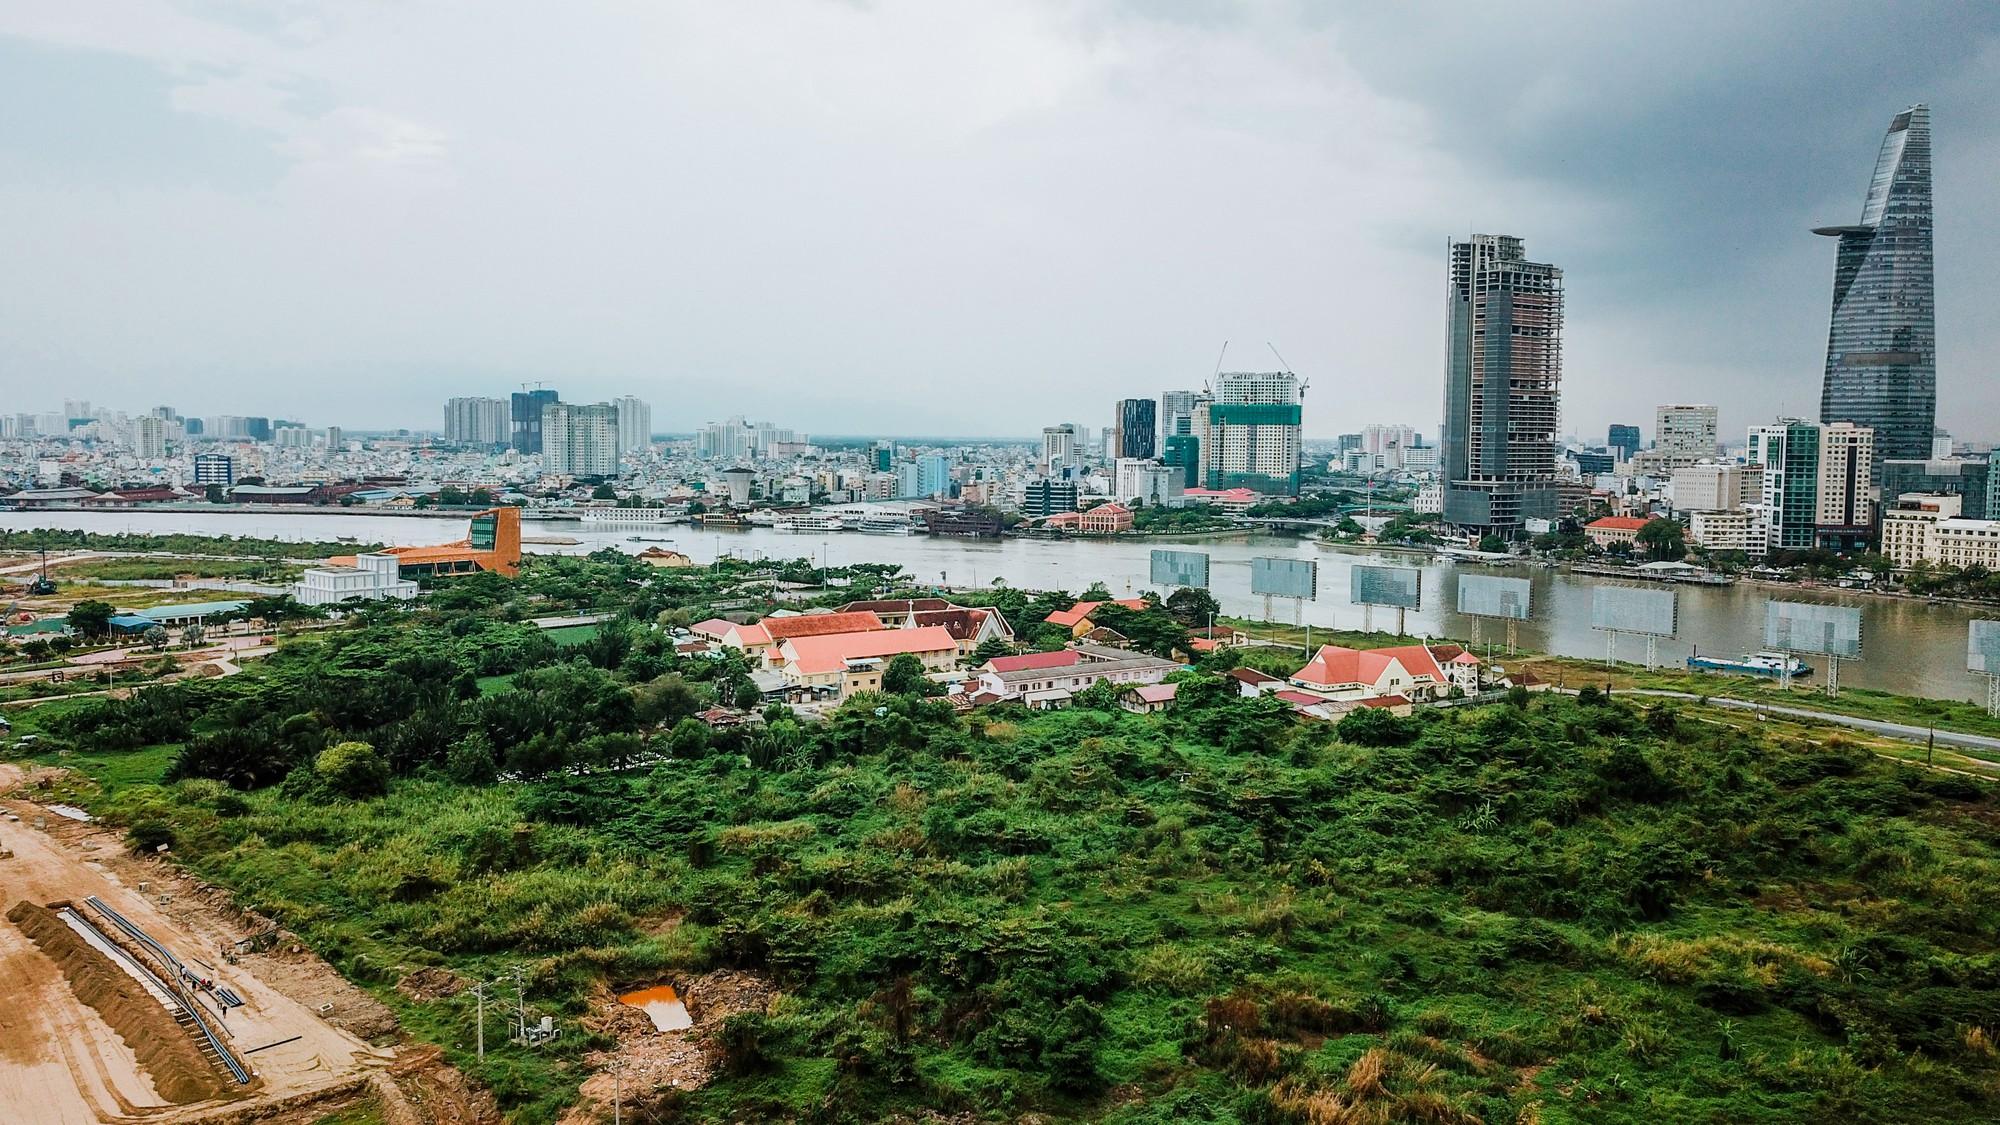 Cận cảnh khu đất vàng tại Thủ Thiêm, nơi dự kiến xây nhà hát giao hưởng 1.500 tỷ đồng - Ảnh 4.